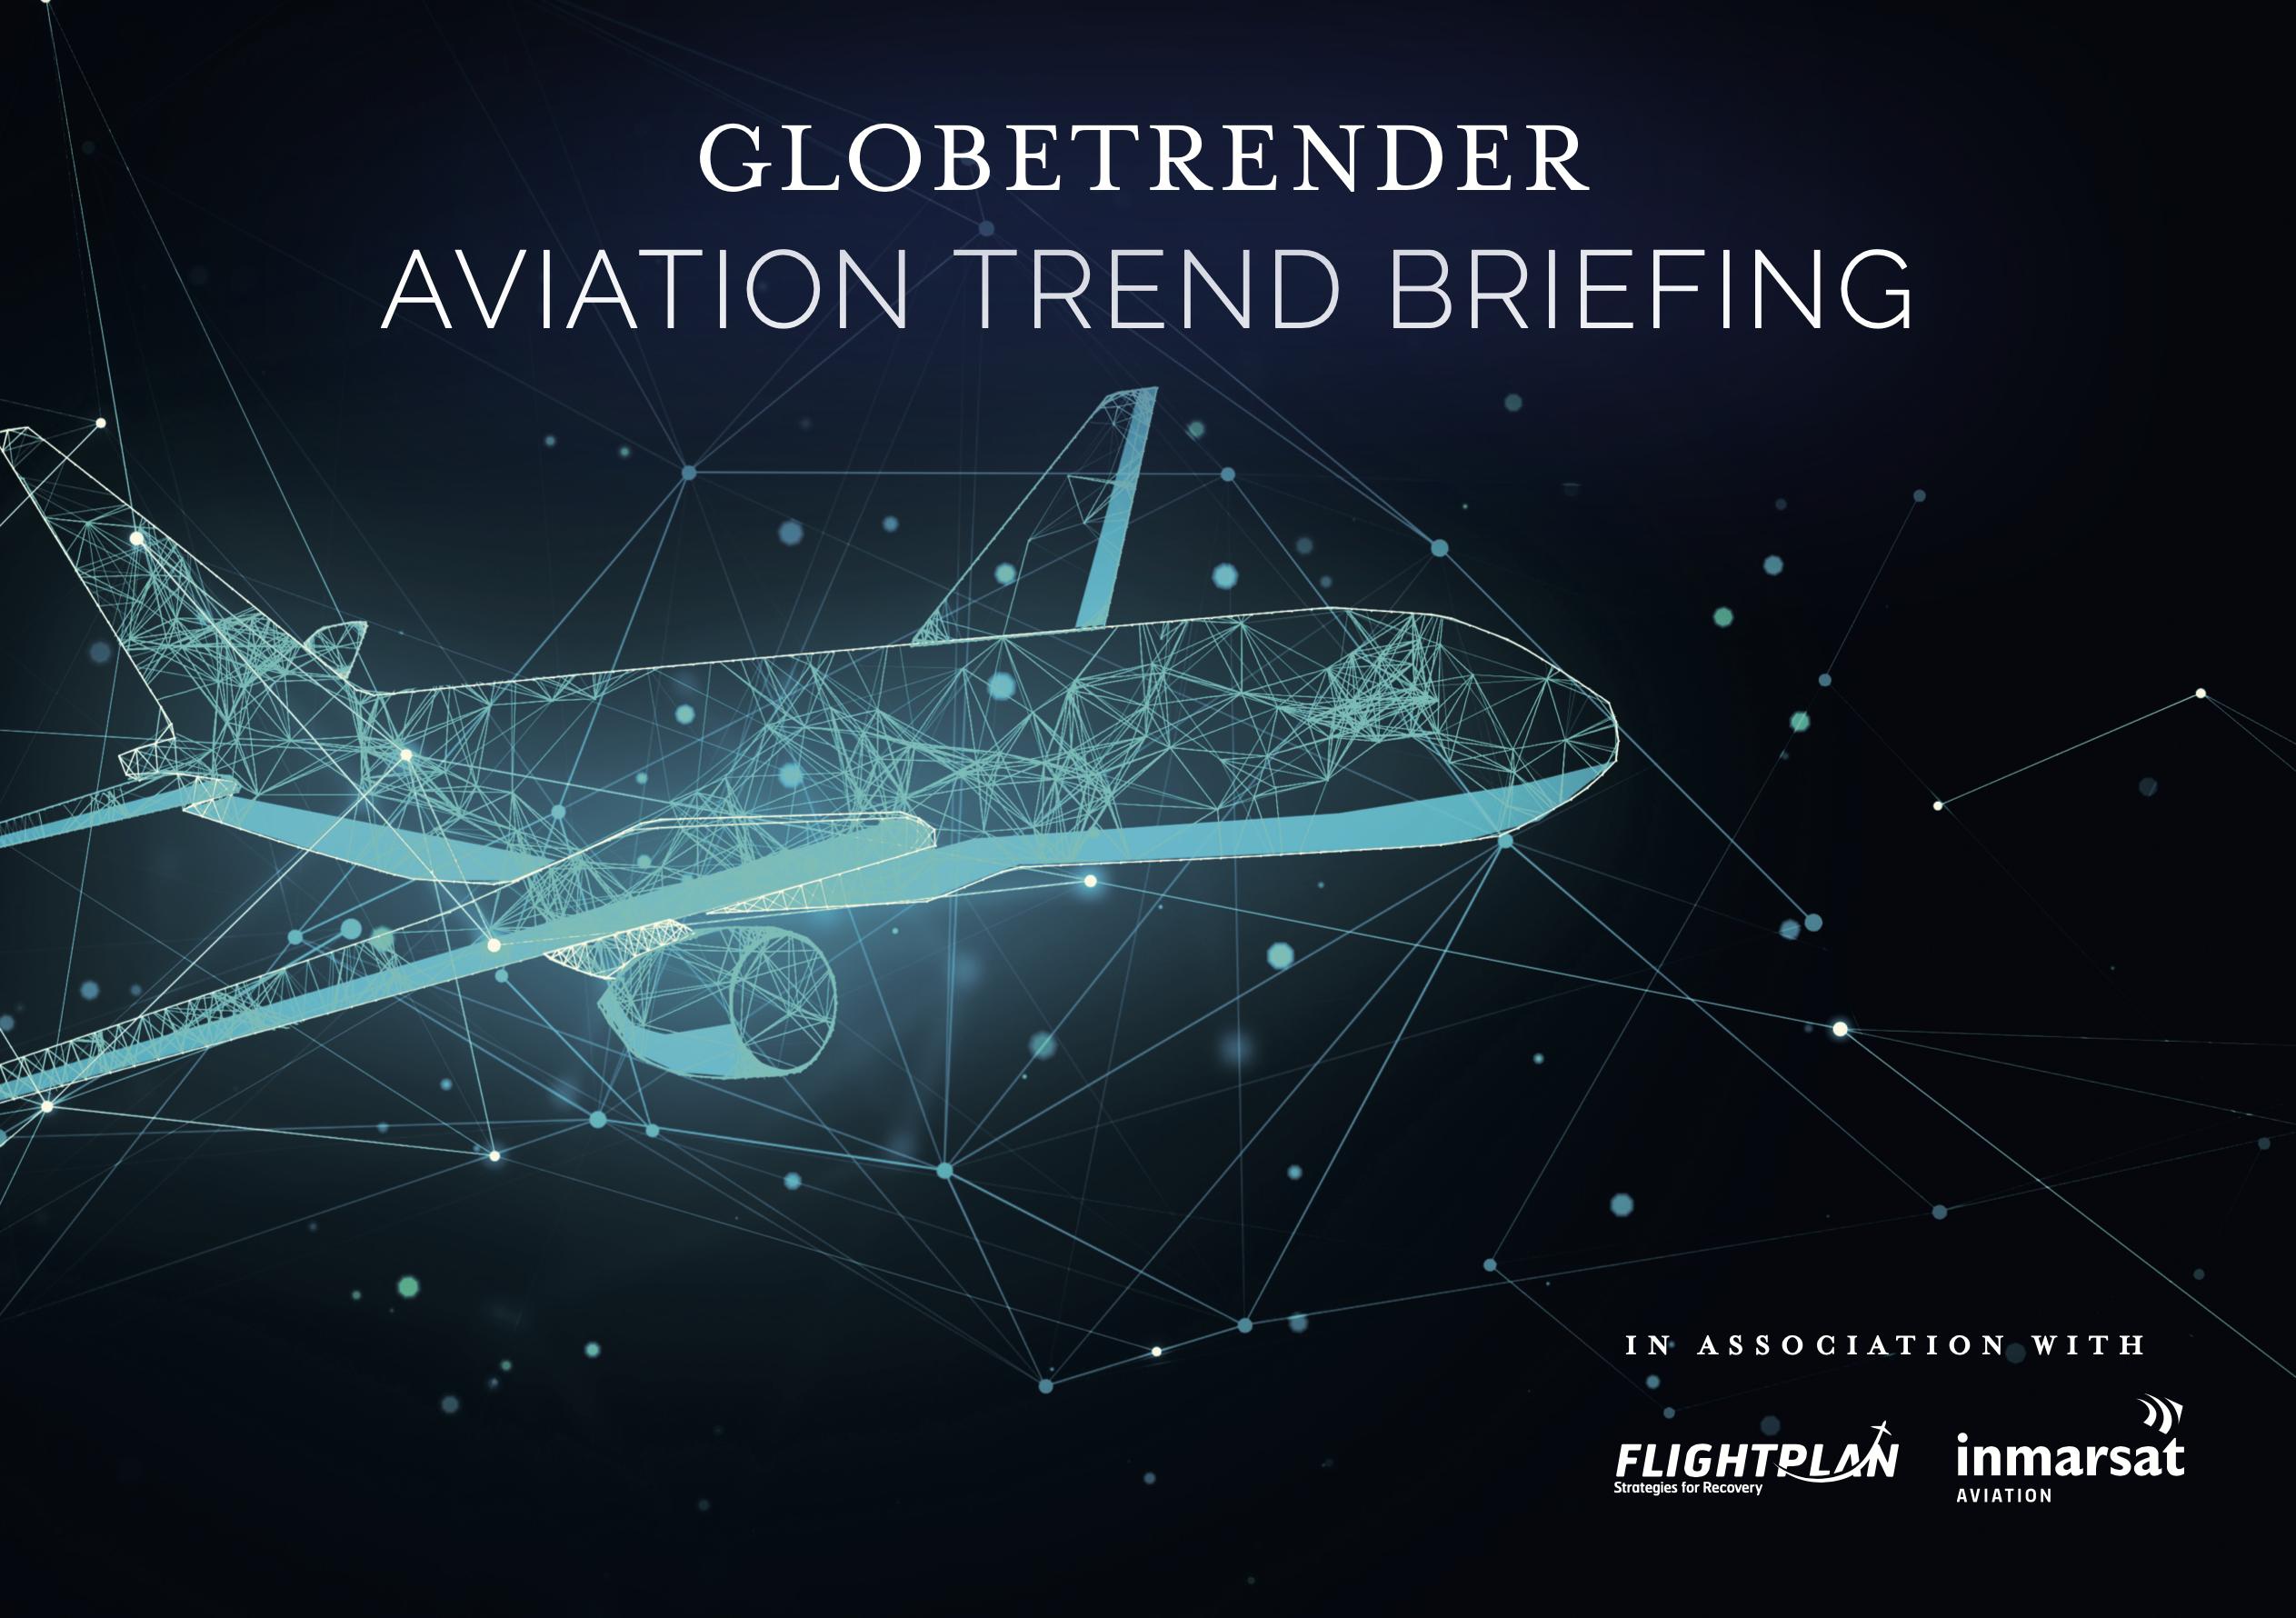 Globetrender Aviation Trend Briefing